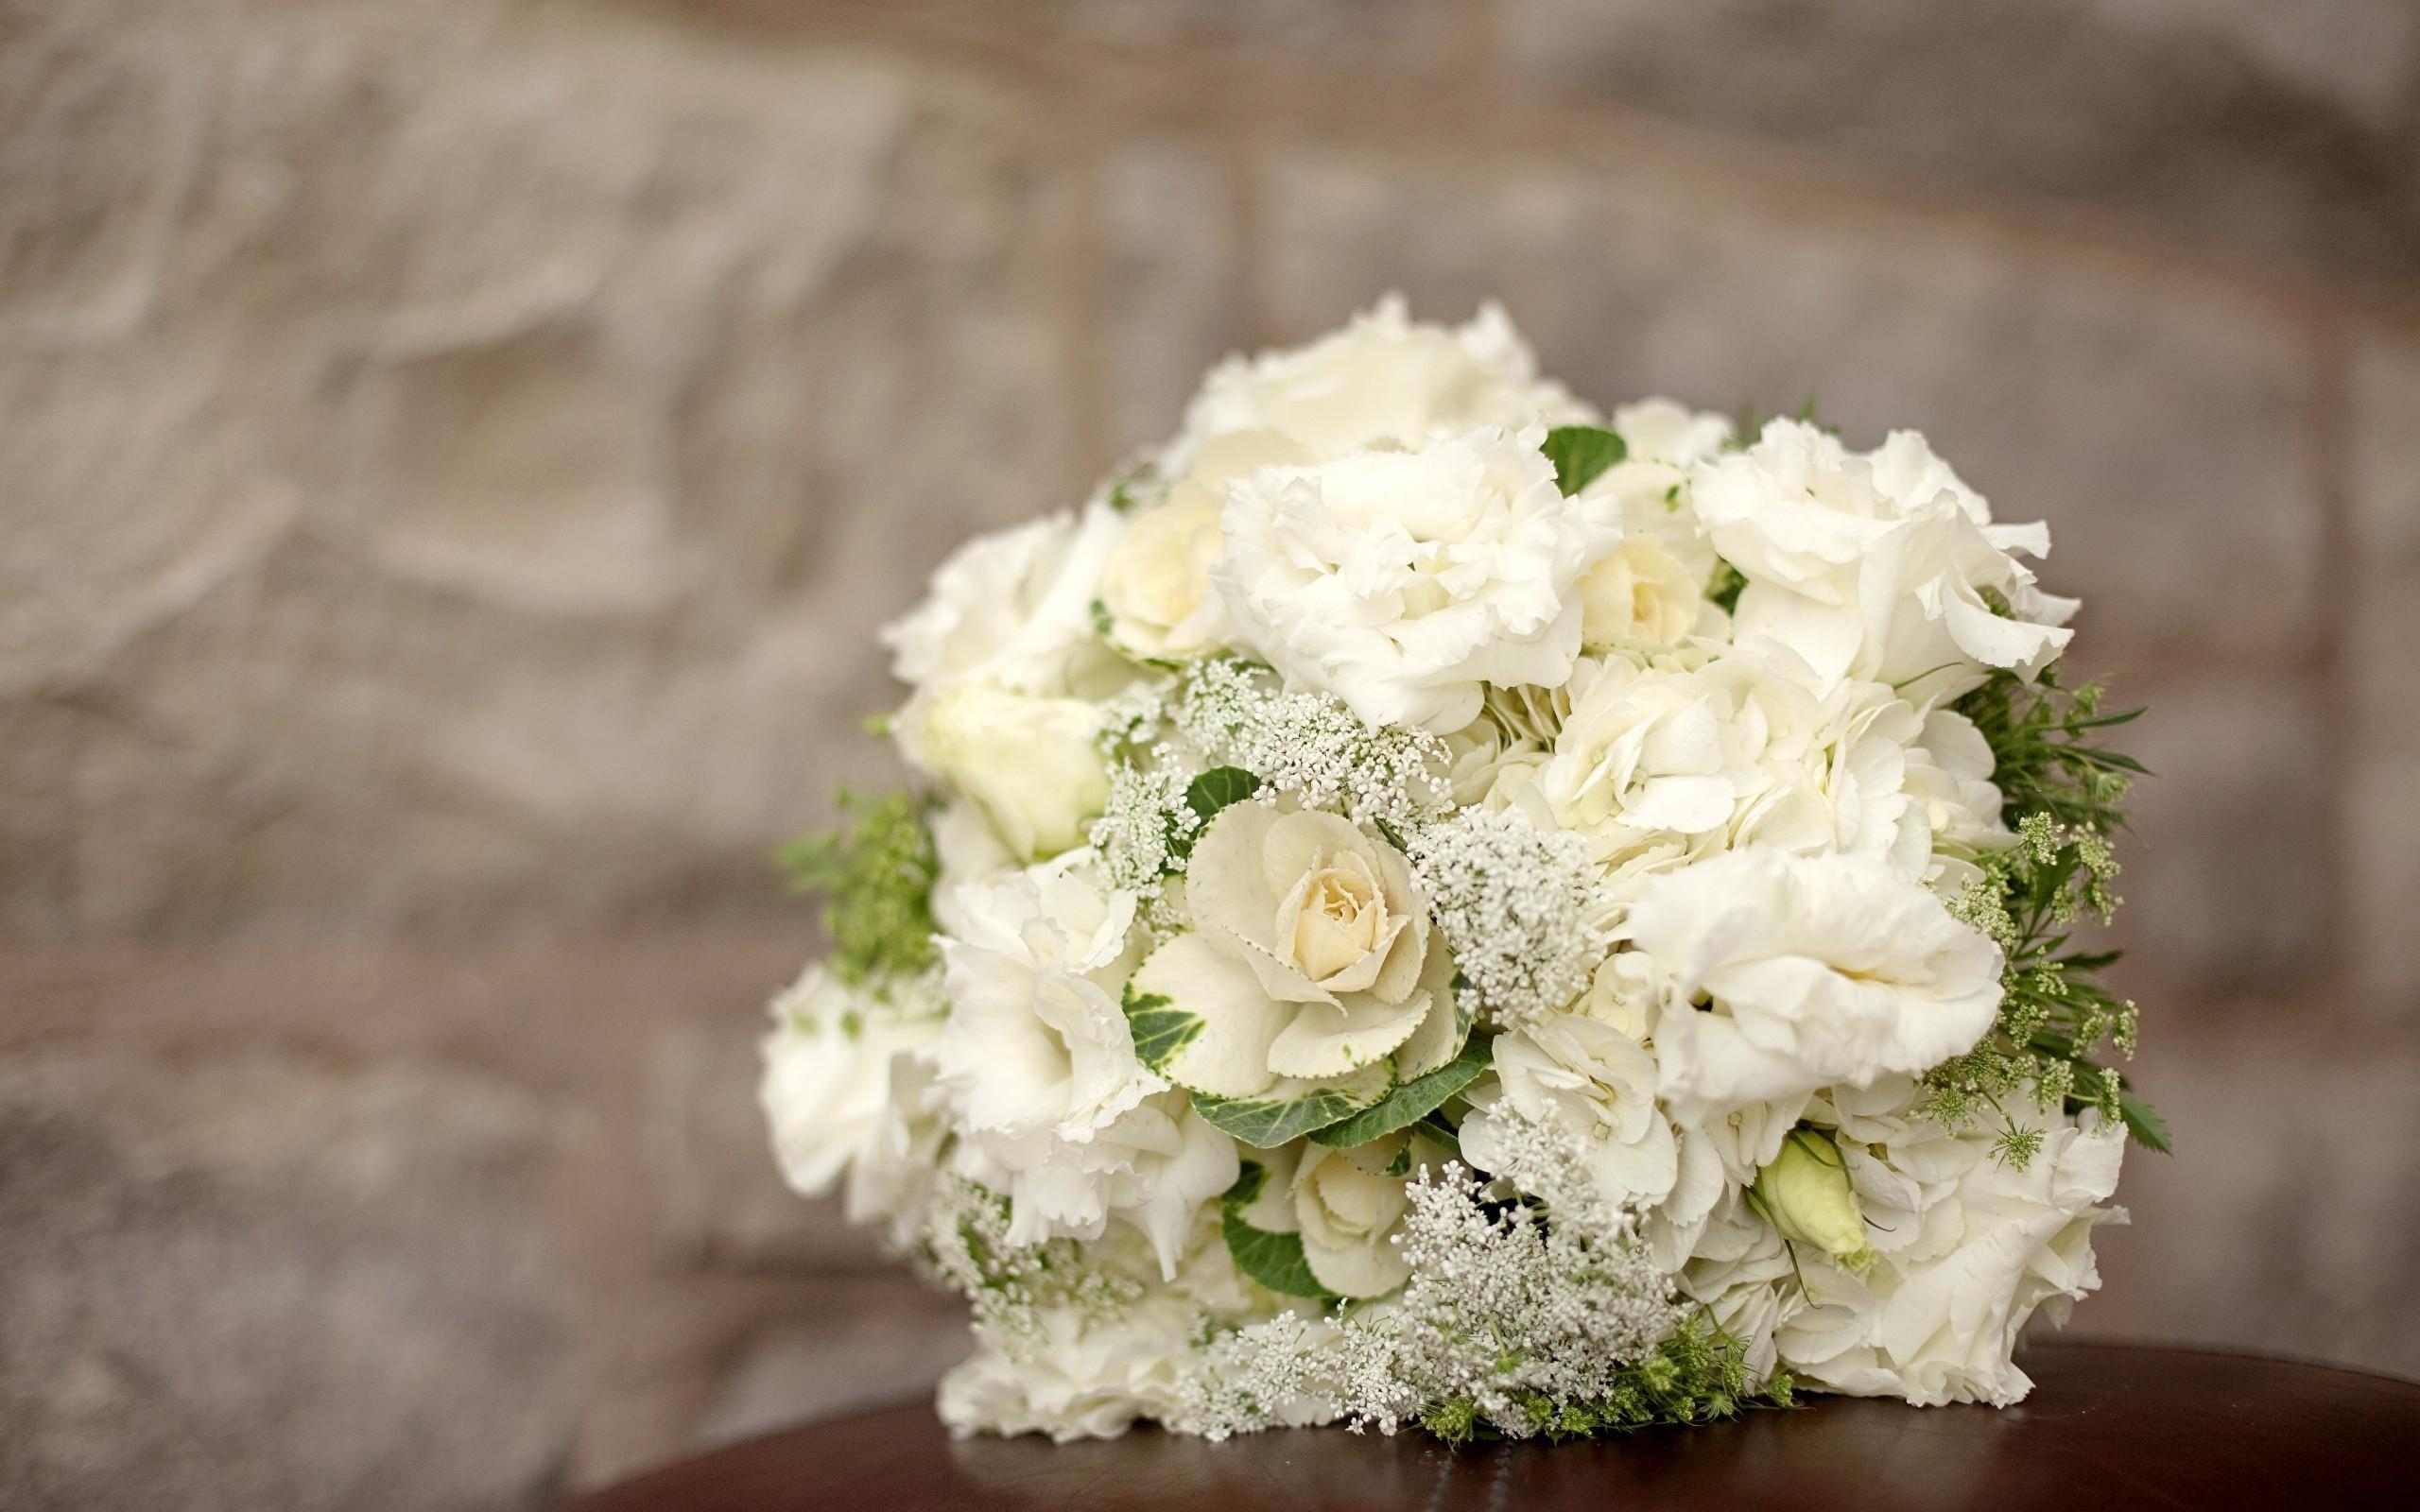 Hintergrundbilder Hochzeit  Fotos von Hochzeit Sträuße Weiß Rosen Blumen Hortensien